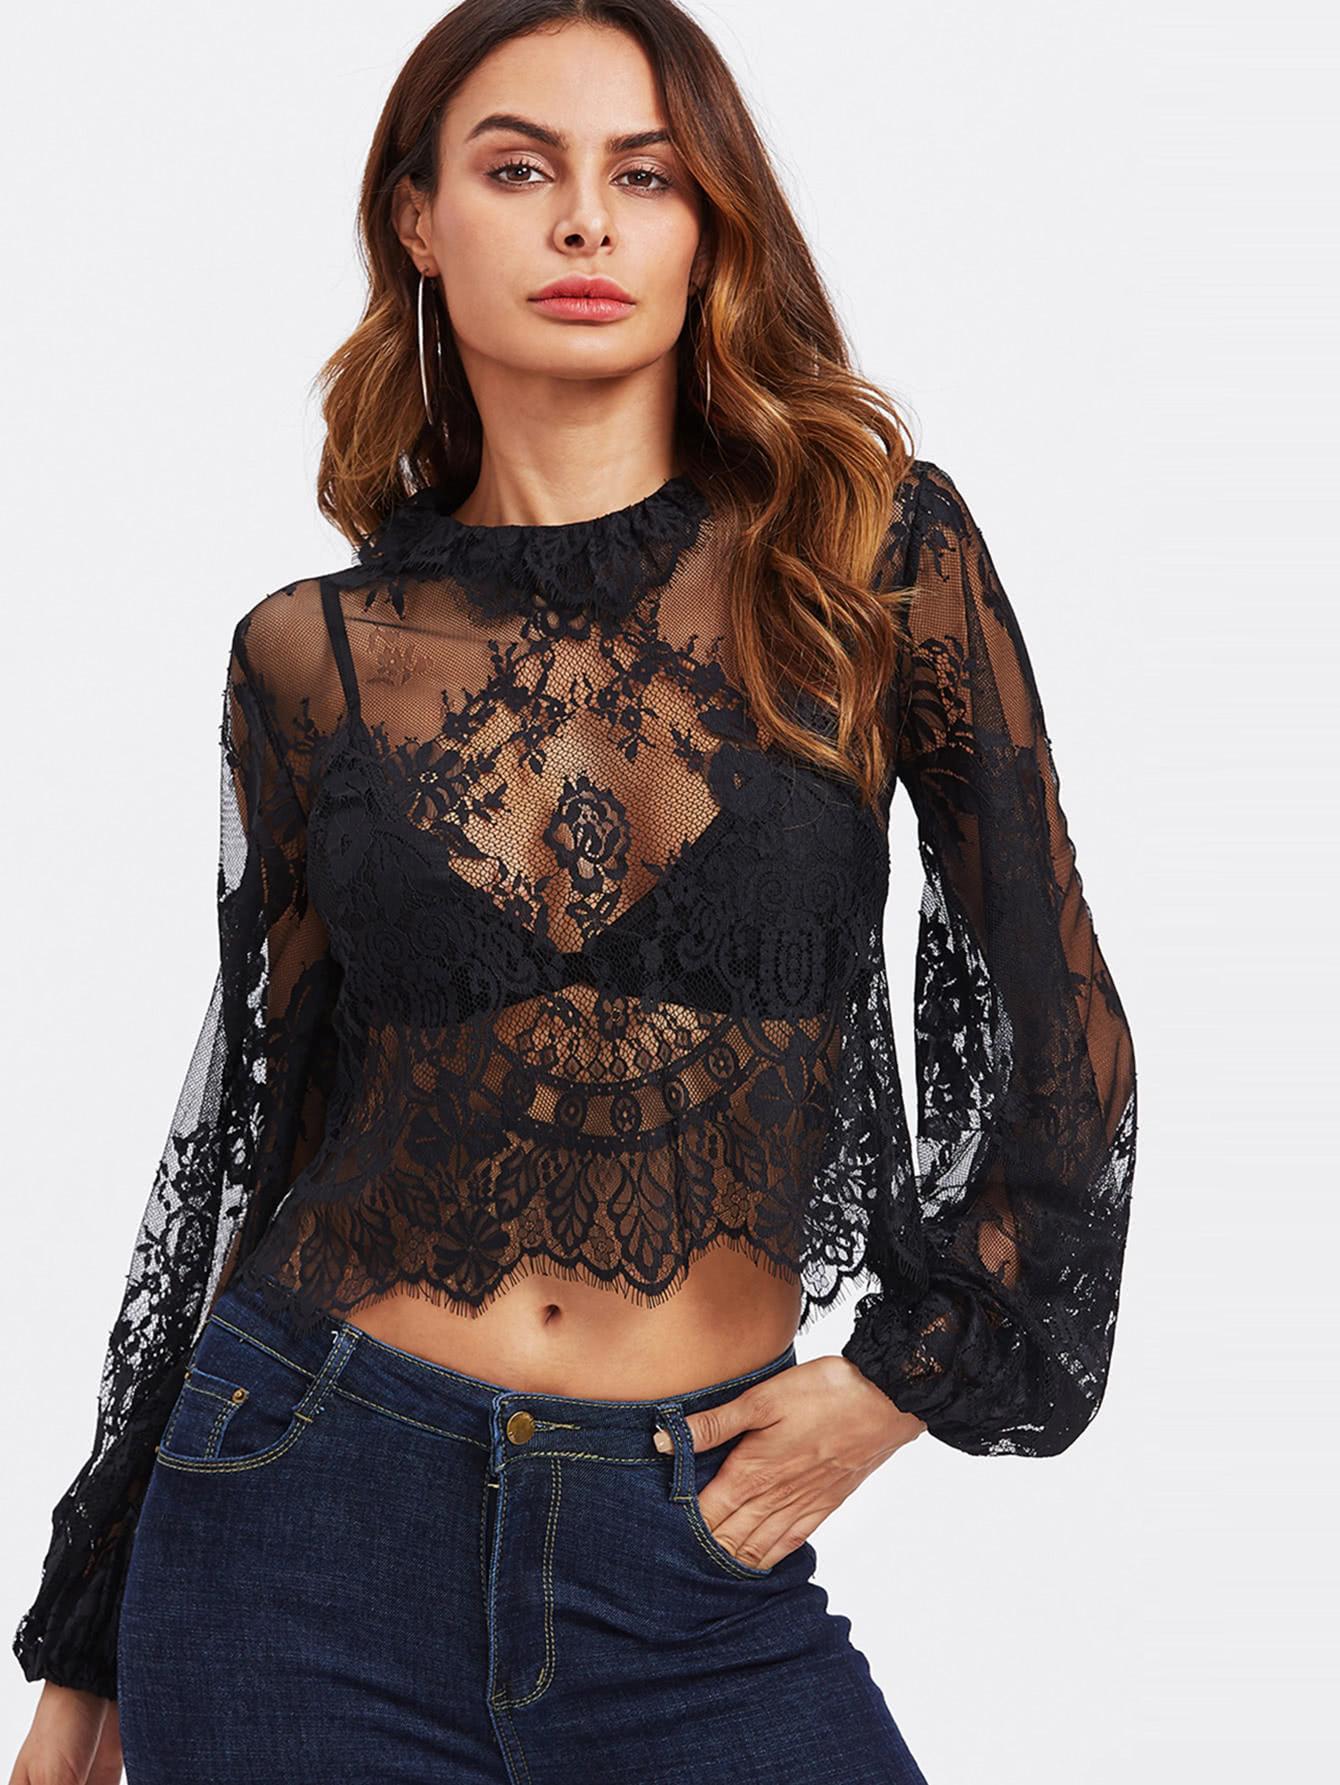 Lantern Sleeve Eyelash Lace Crop Top blouse171019458